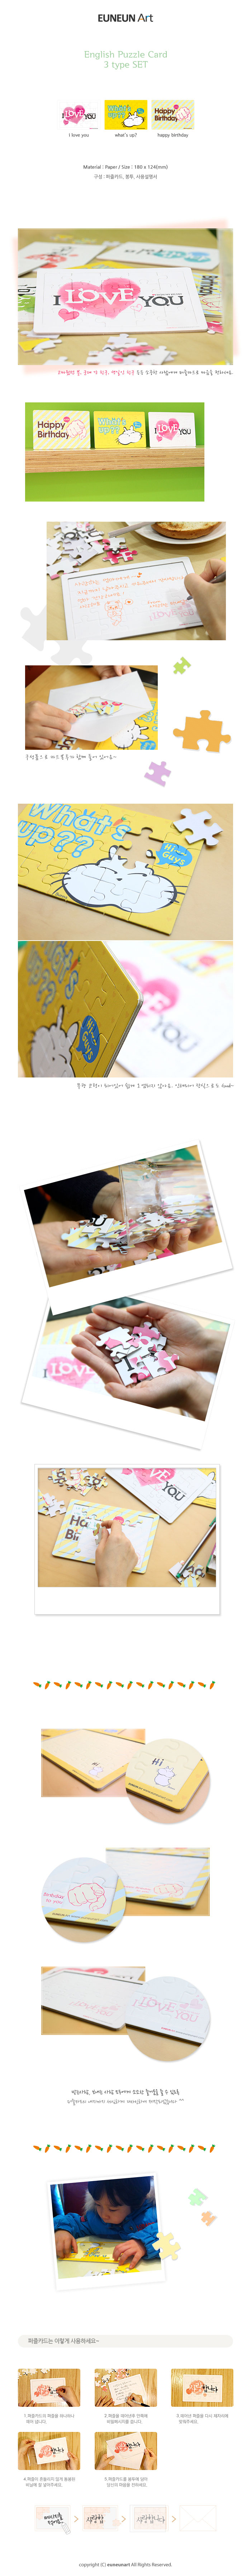 퍼즐카드-Whats up - 은은아트, 2,500원, 카드, 사과/응원 카드